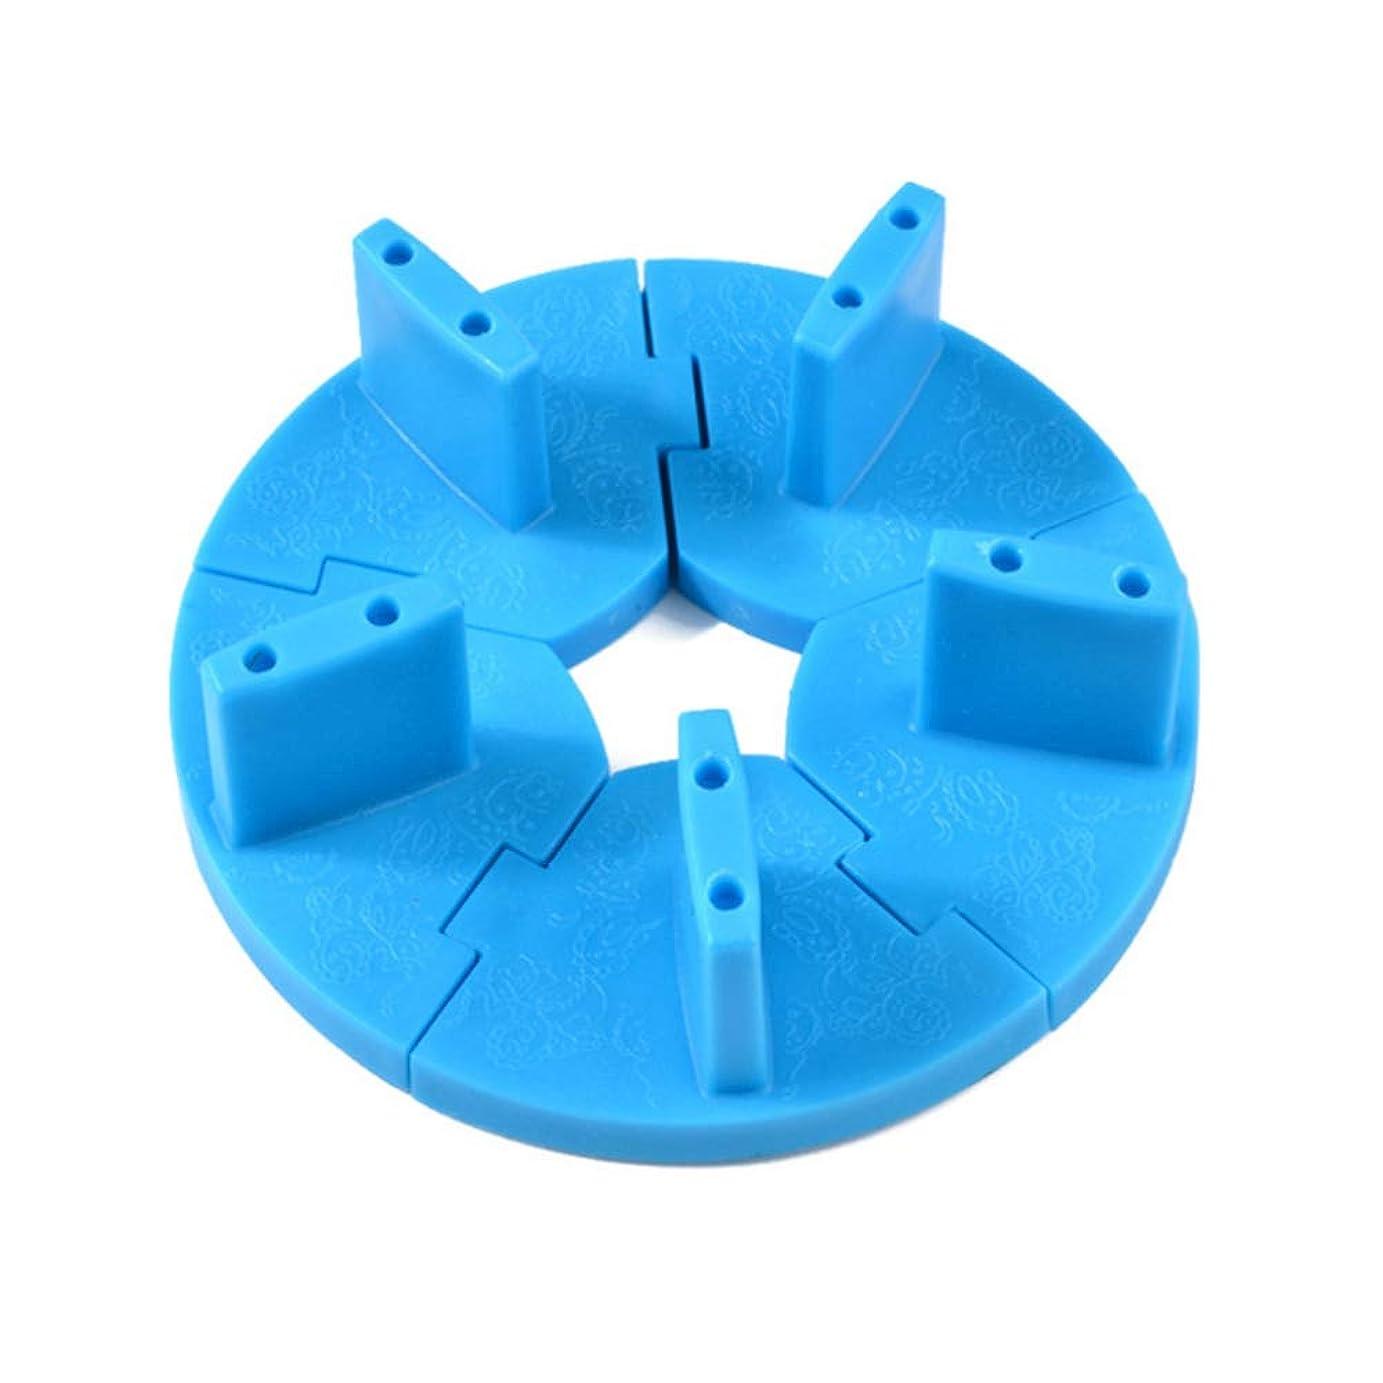 解放するライン雑草ネイルチップスタンド ネイル練習ツール ディスプレイホルダースタンド 組み立て式 固定チップ5個付き (ブルー)